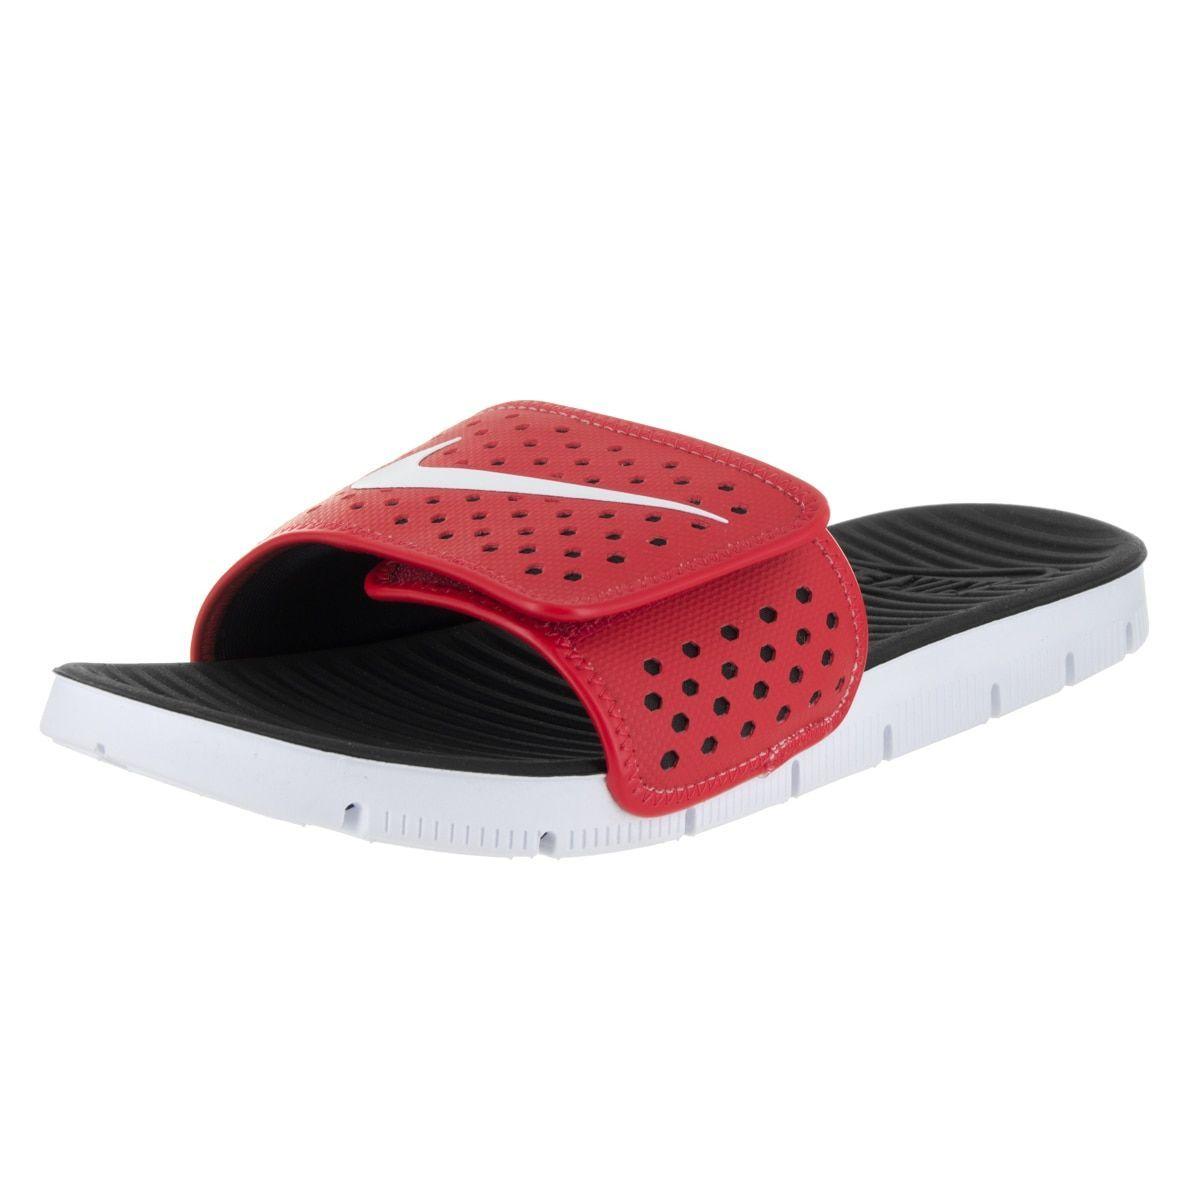 Nike Men's Flex Motion Slide Sandals